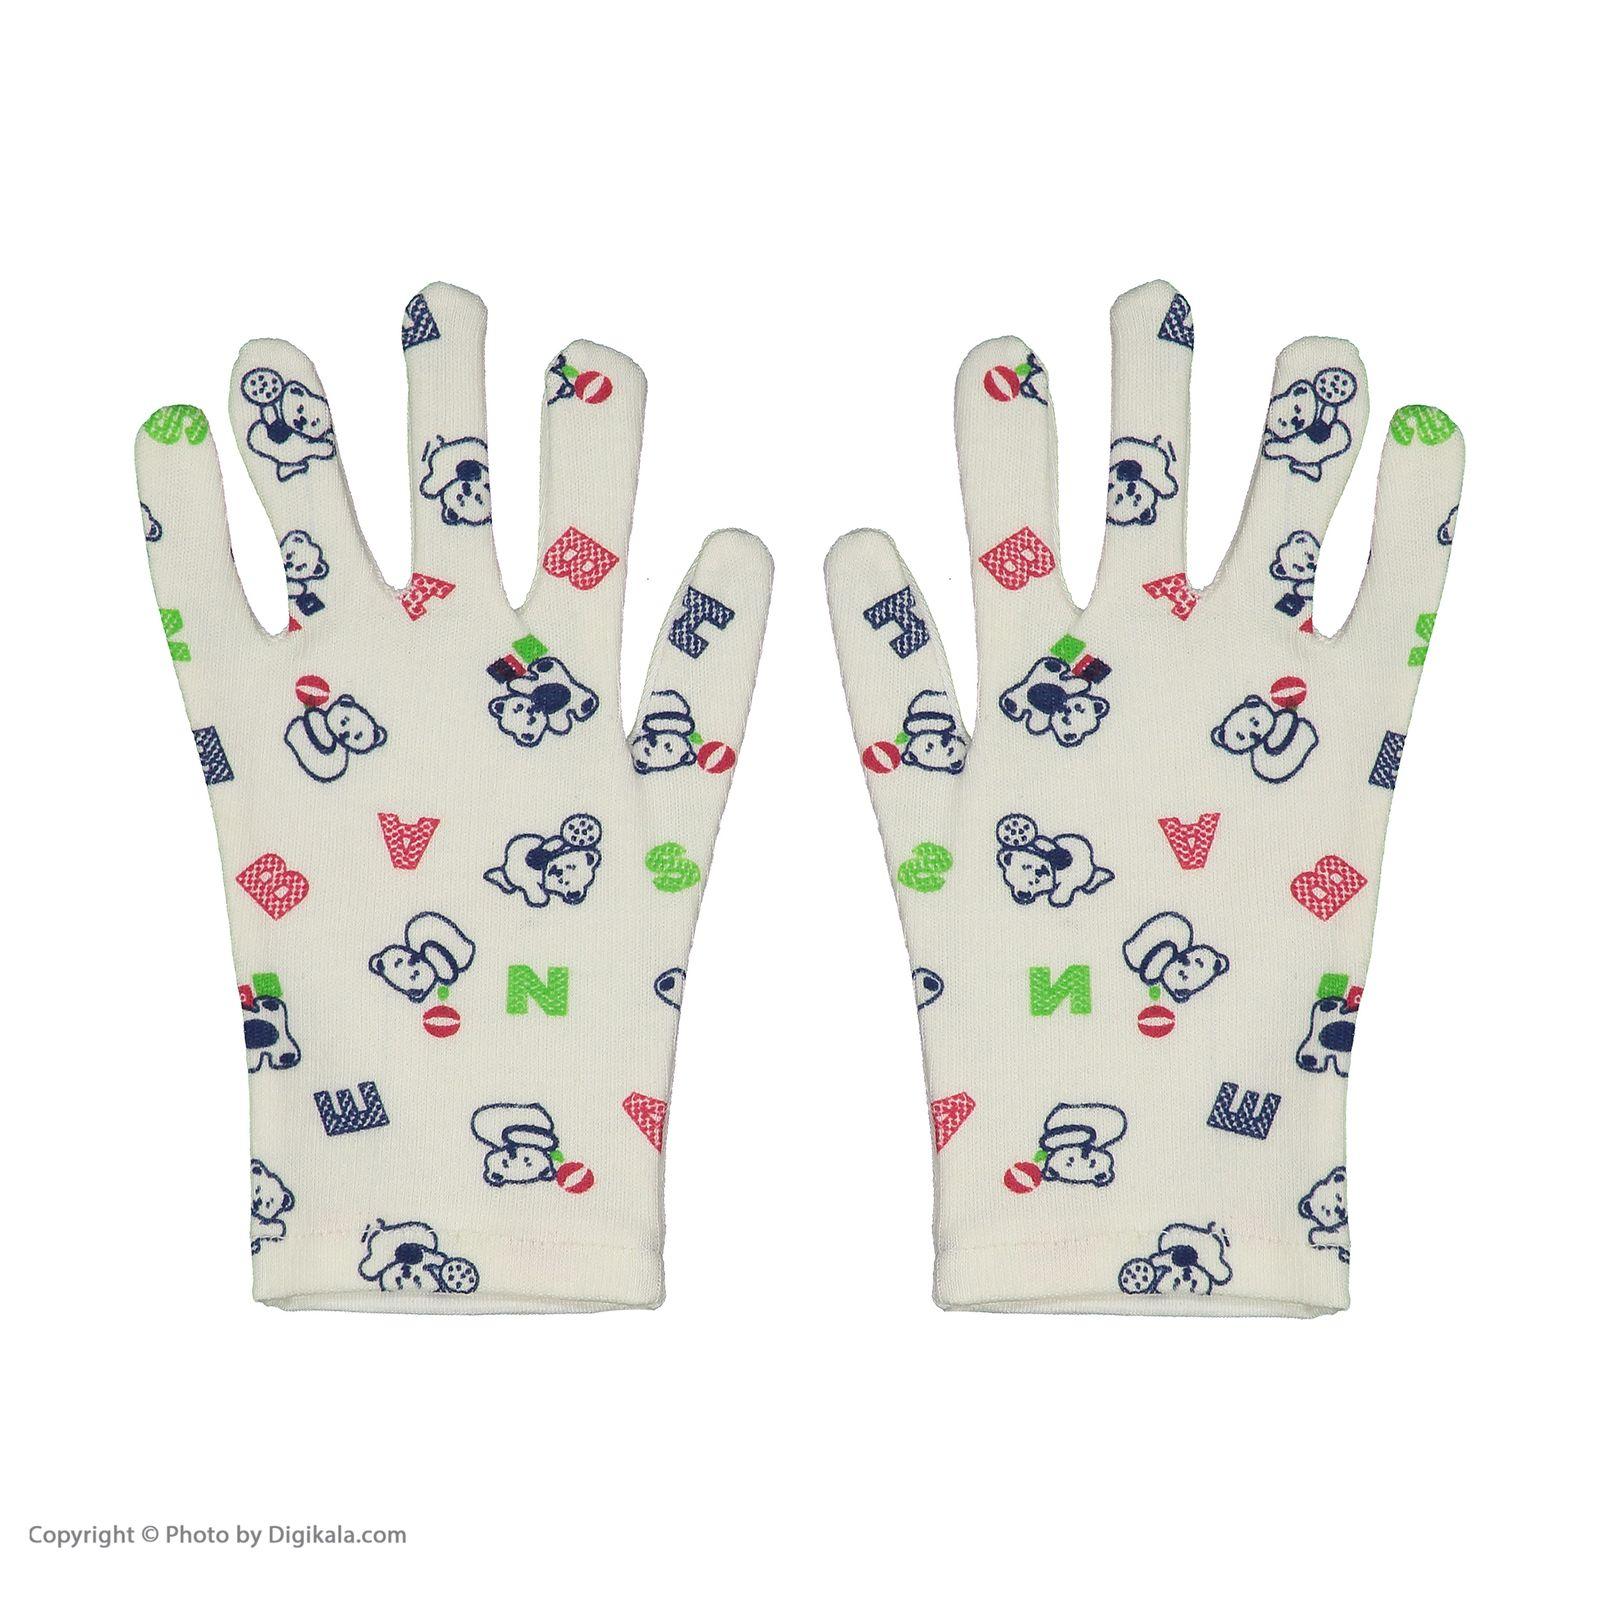 دستکش بچگانه کد 1003 -  - 4